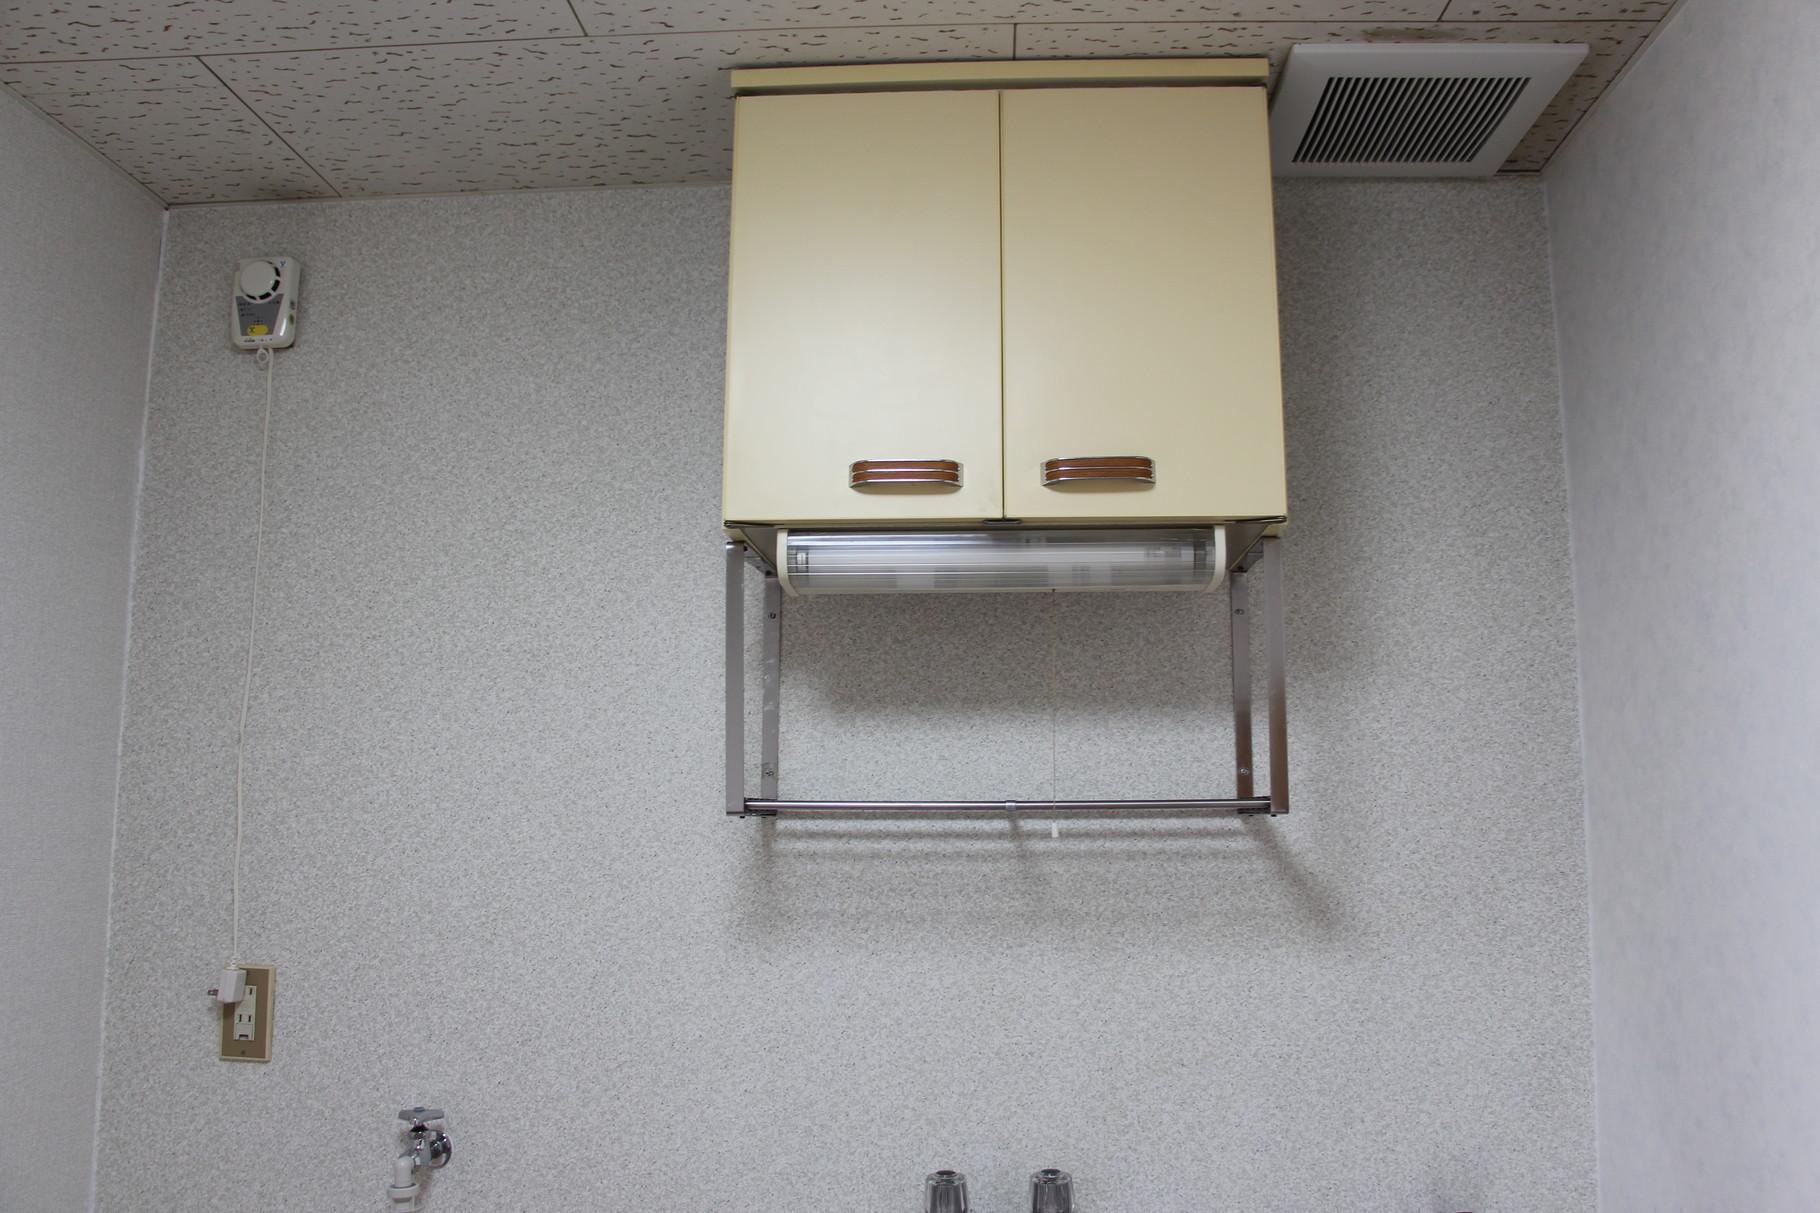 キッチン上には収納スペース